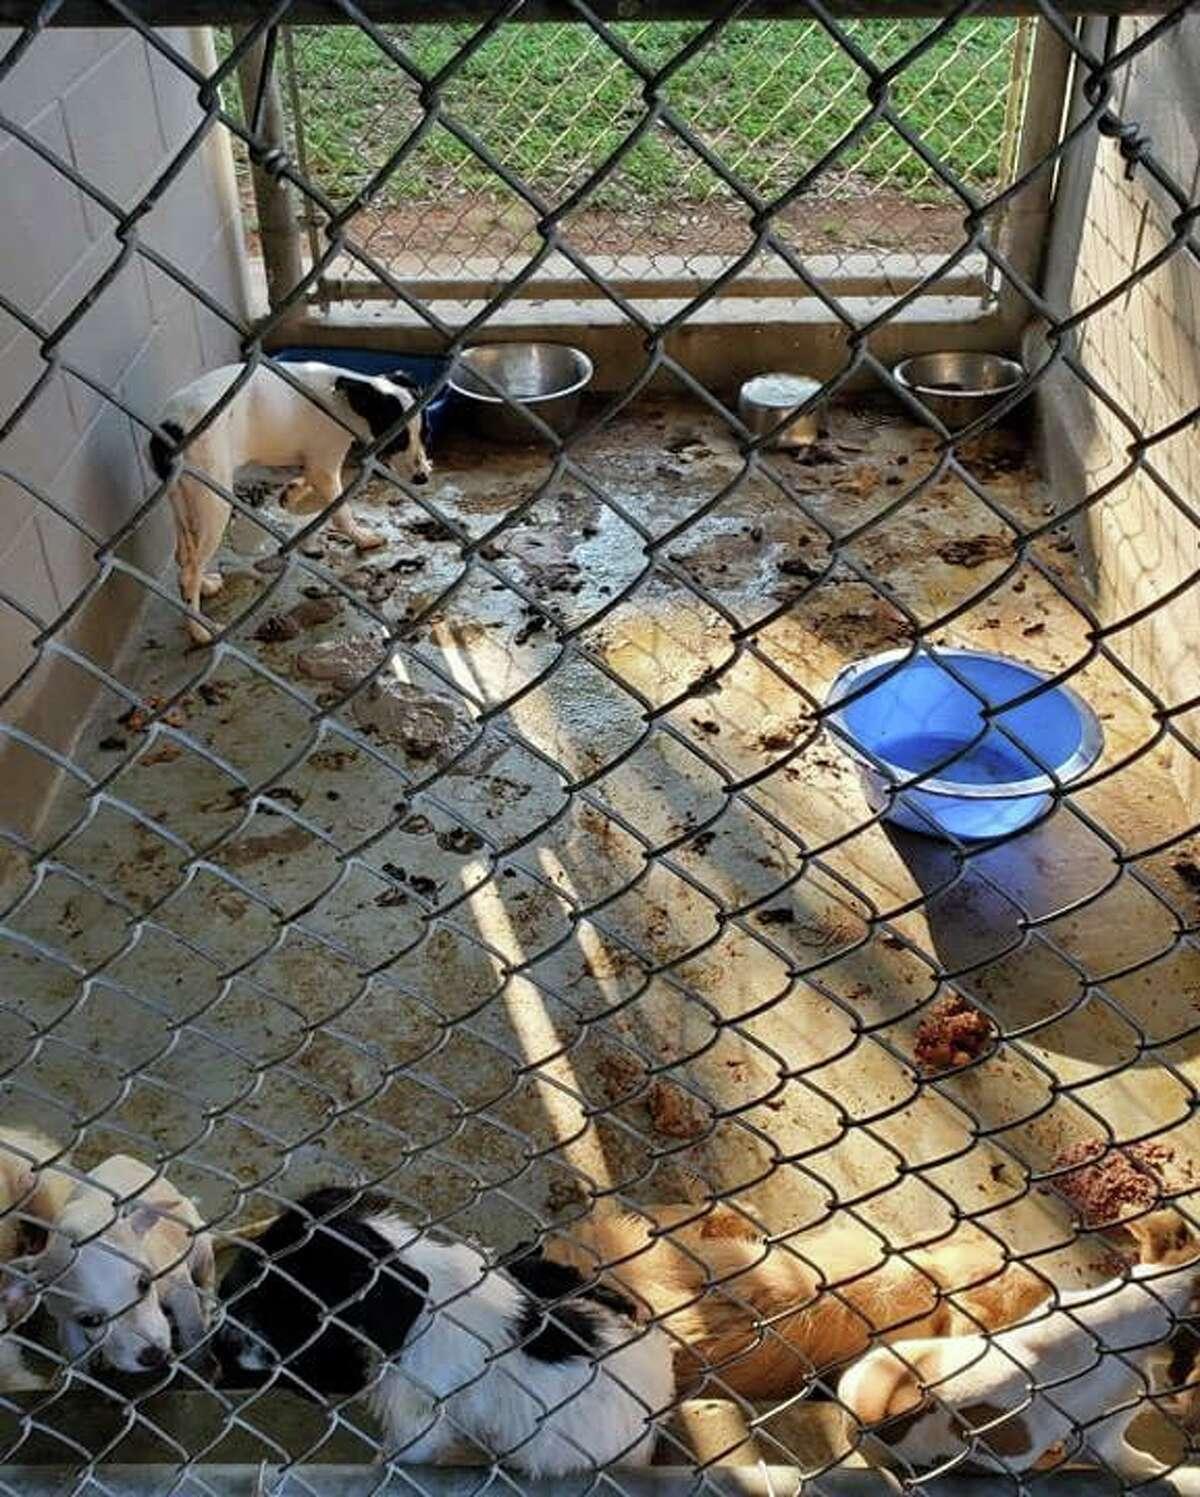 Los animales se encontraban en condiciones insalubres donde habitaban mas de uno.